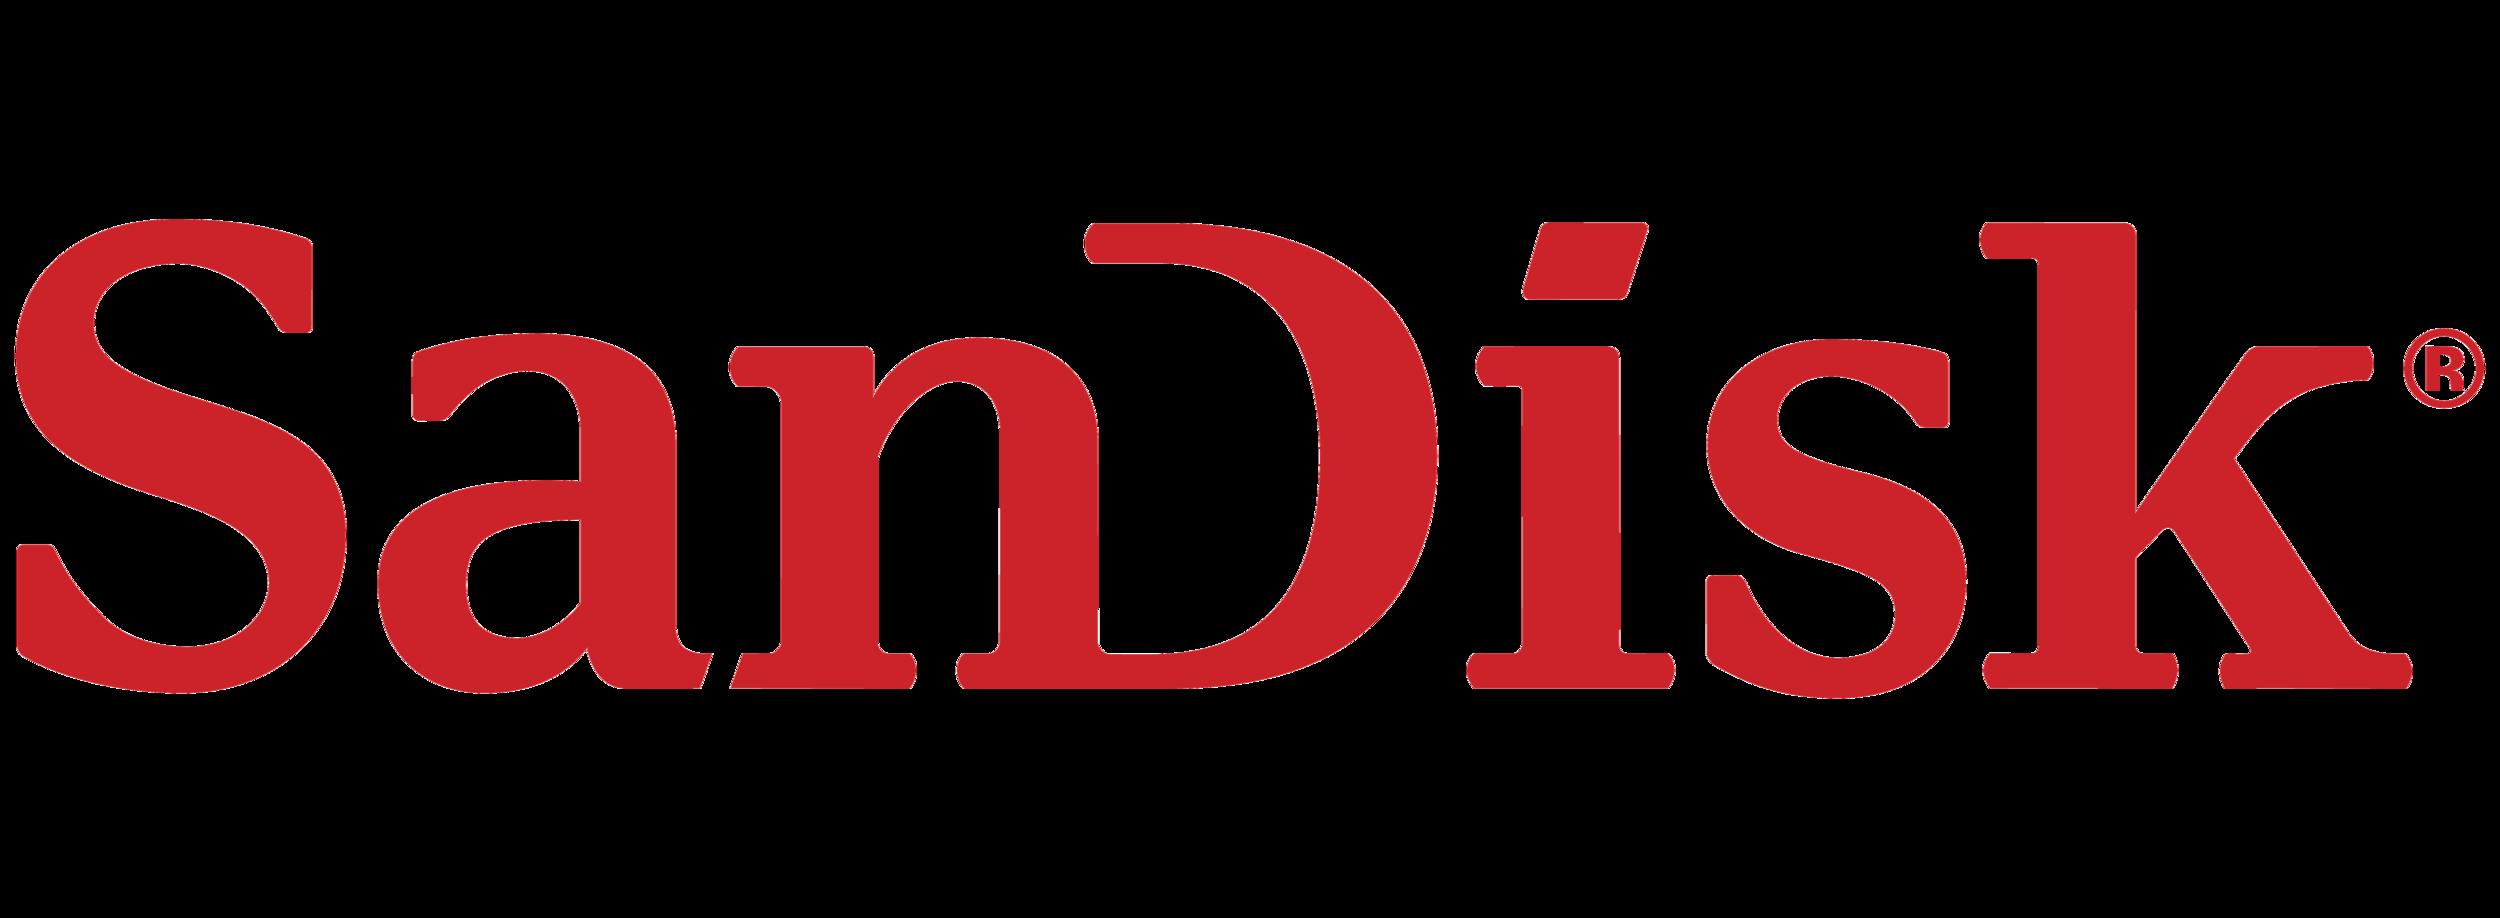 SanDisk-LOGO-red2.png